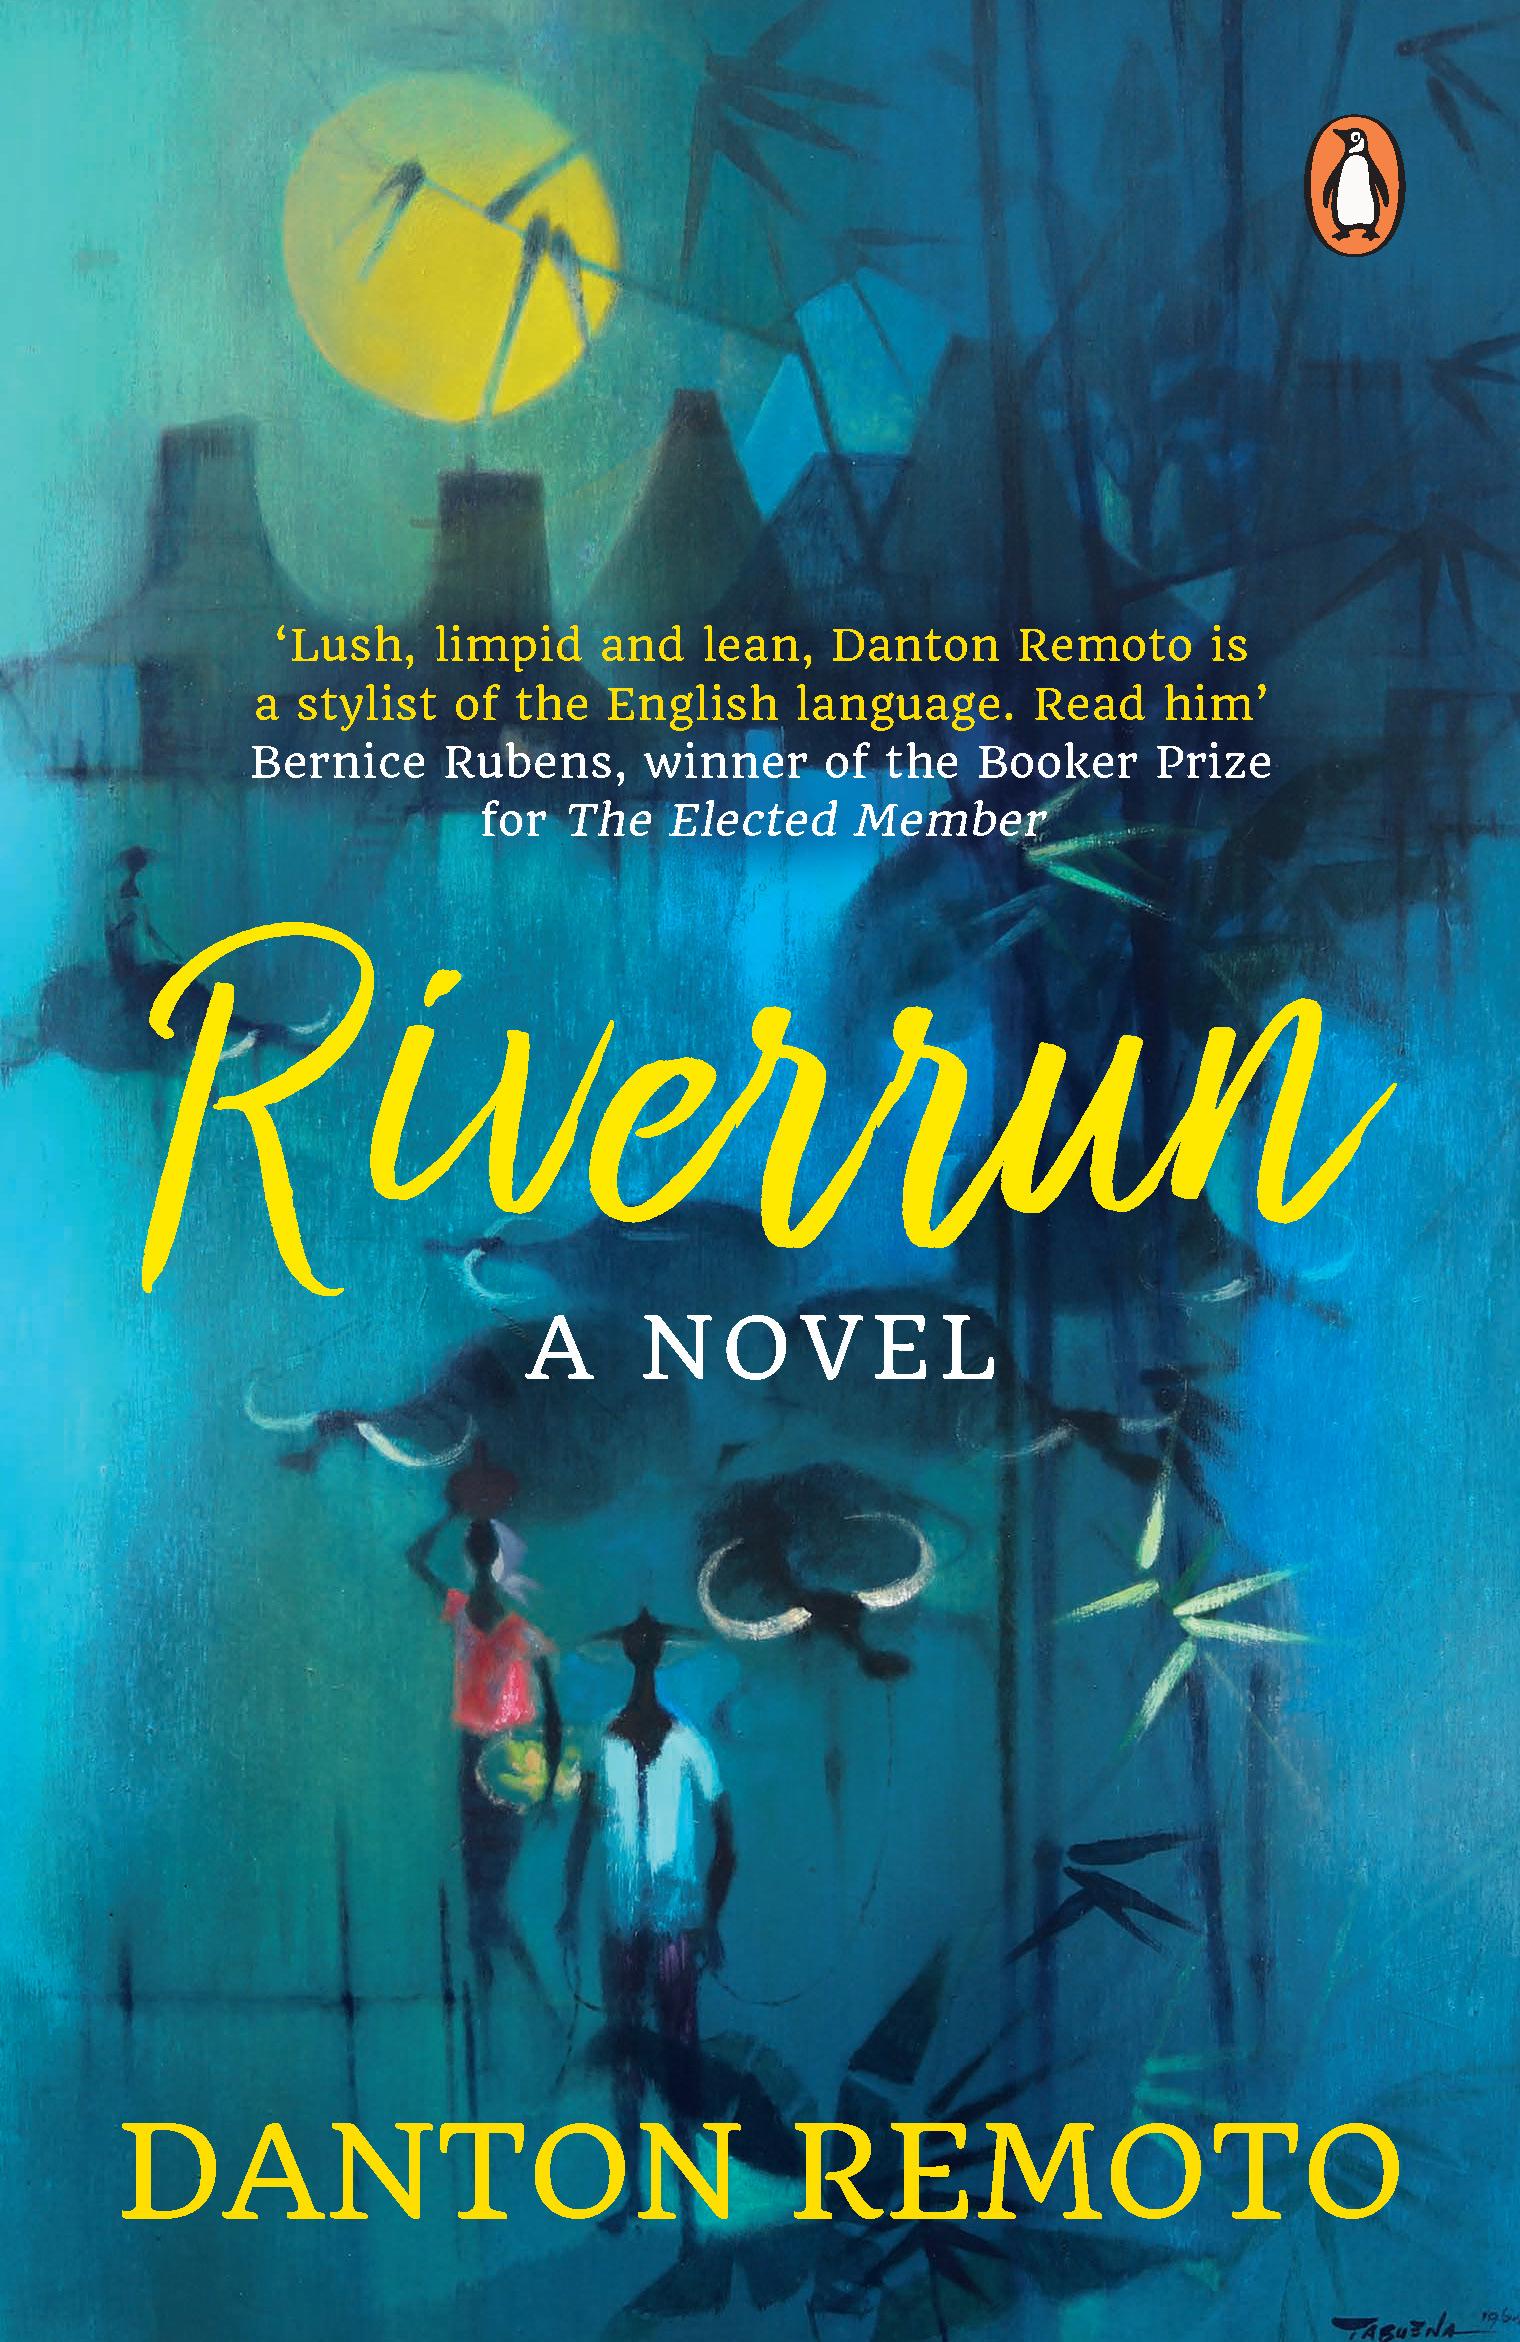 'Riverrun' goes global